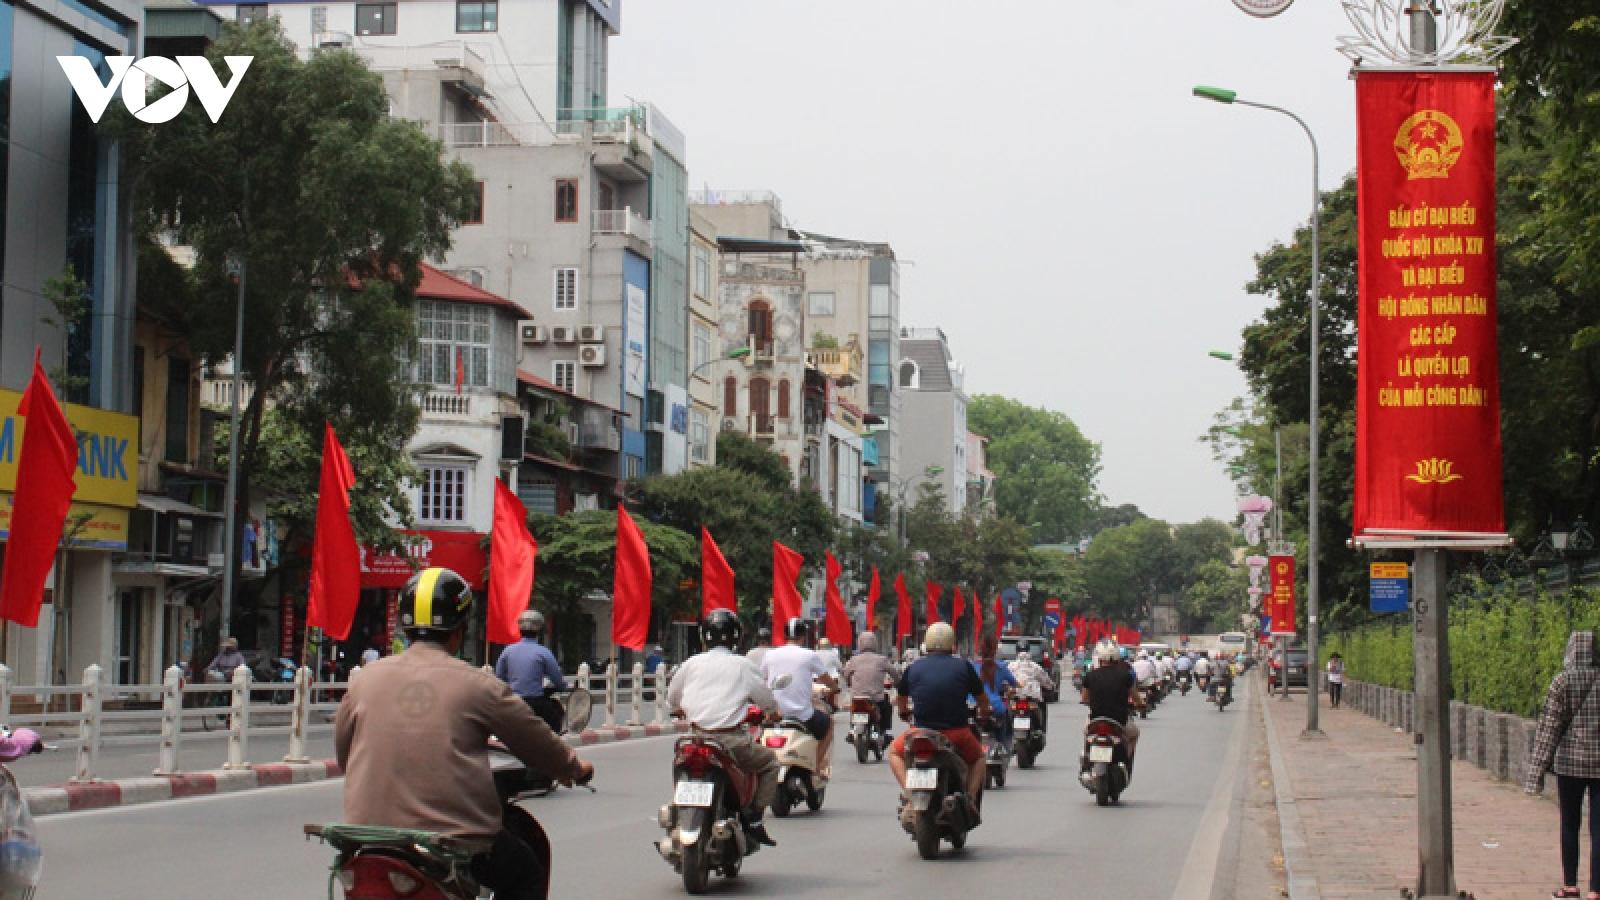 Hà Nộisẵn sàng bầu cử trong điều kiện có dịch